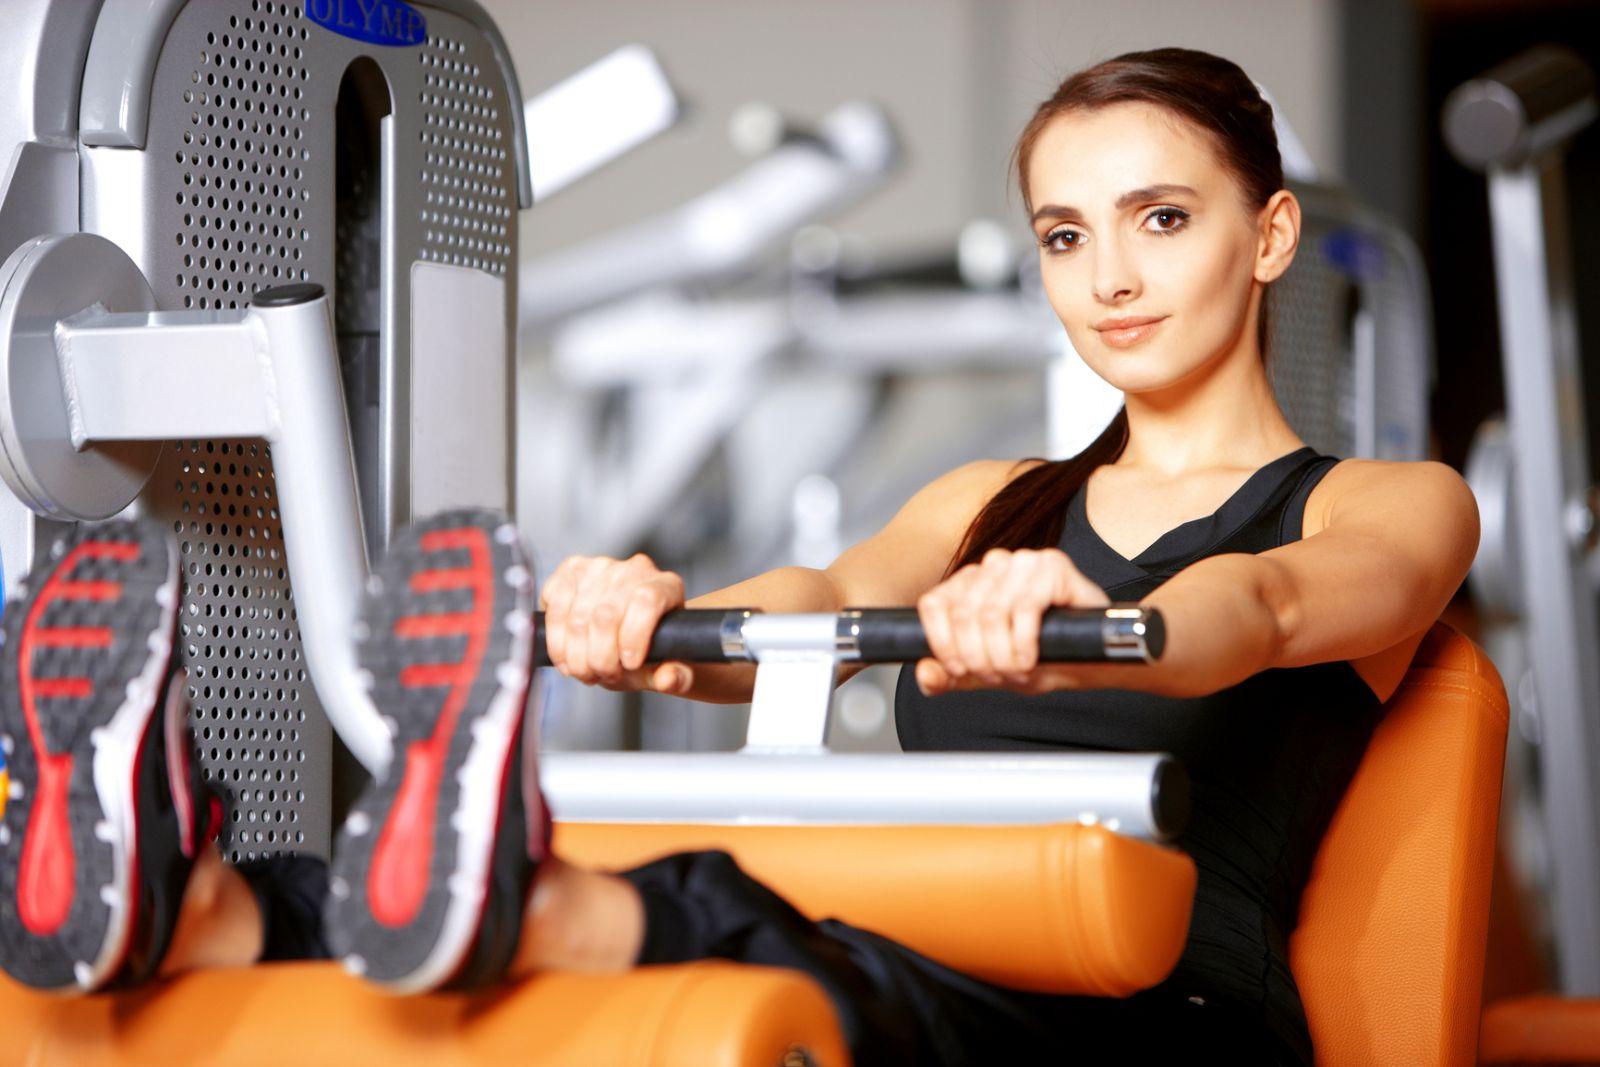 Как женщине не перекачать мышцы - фото №2